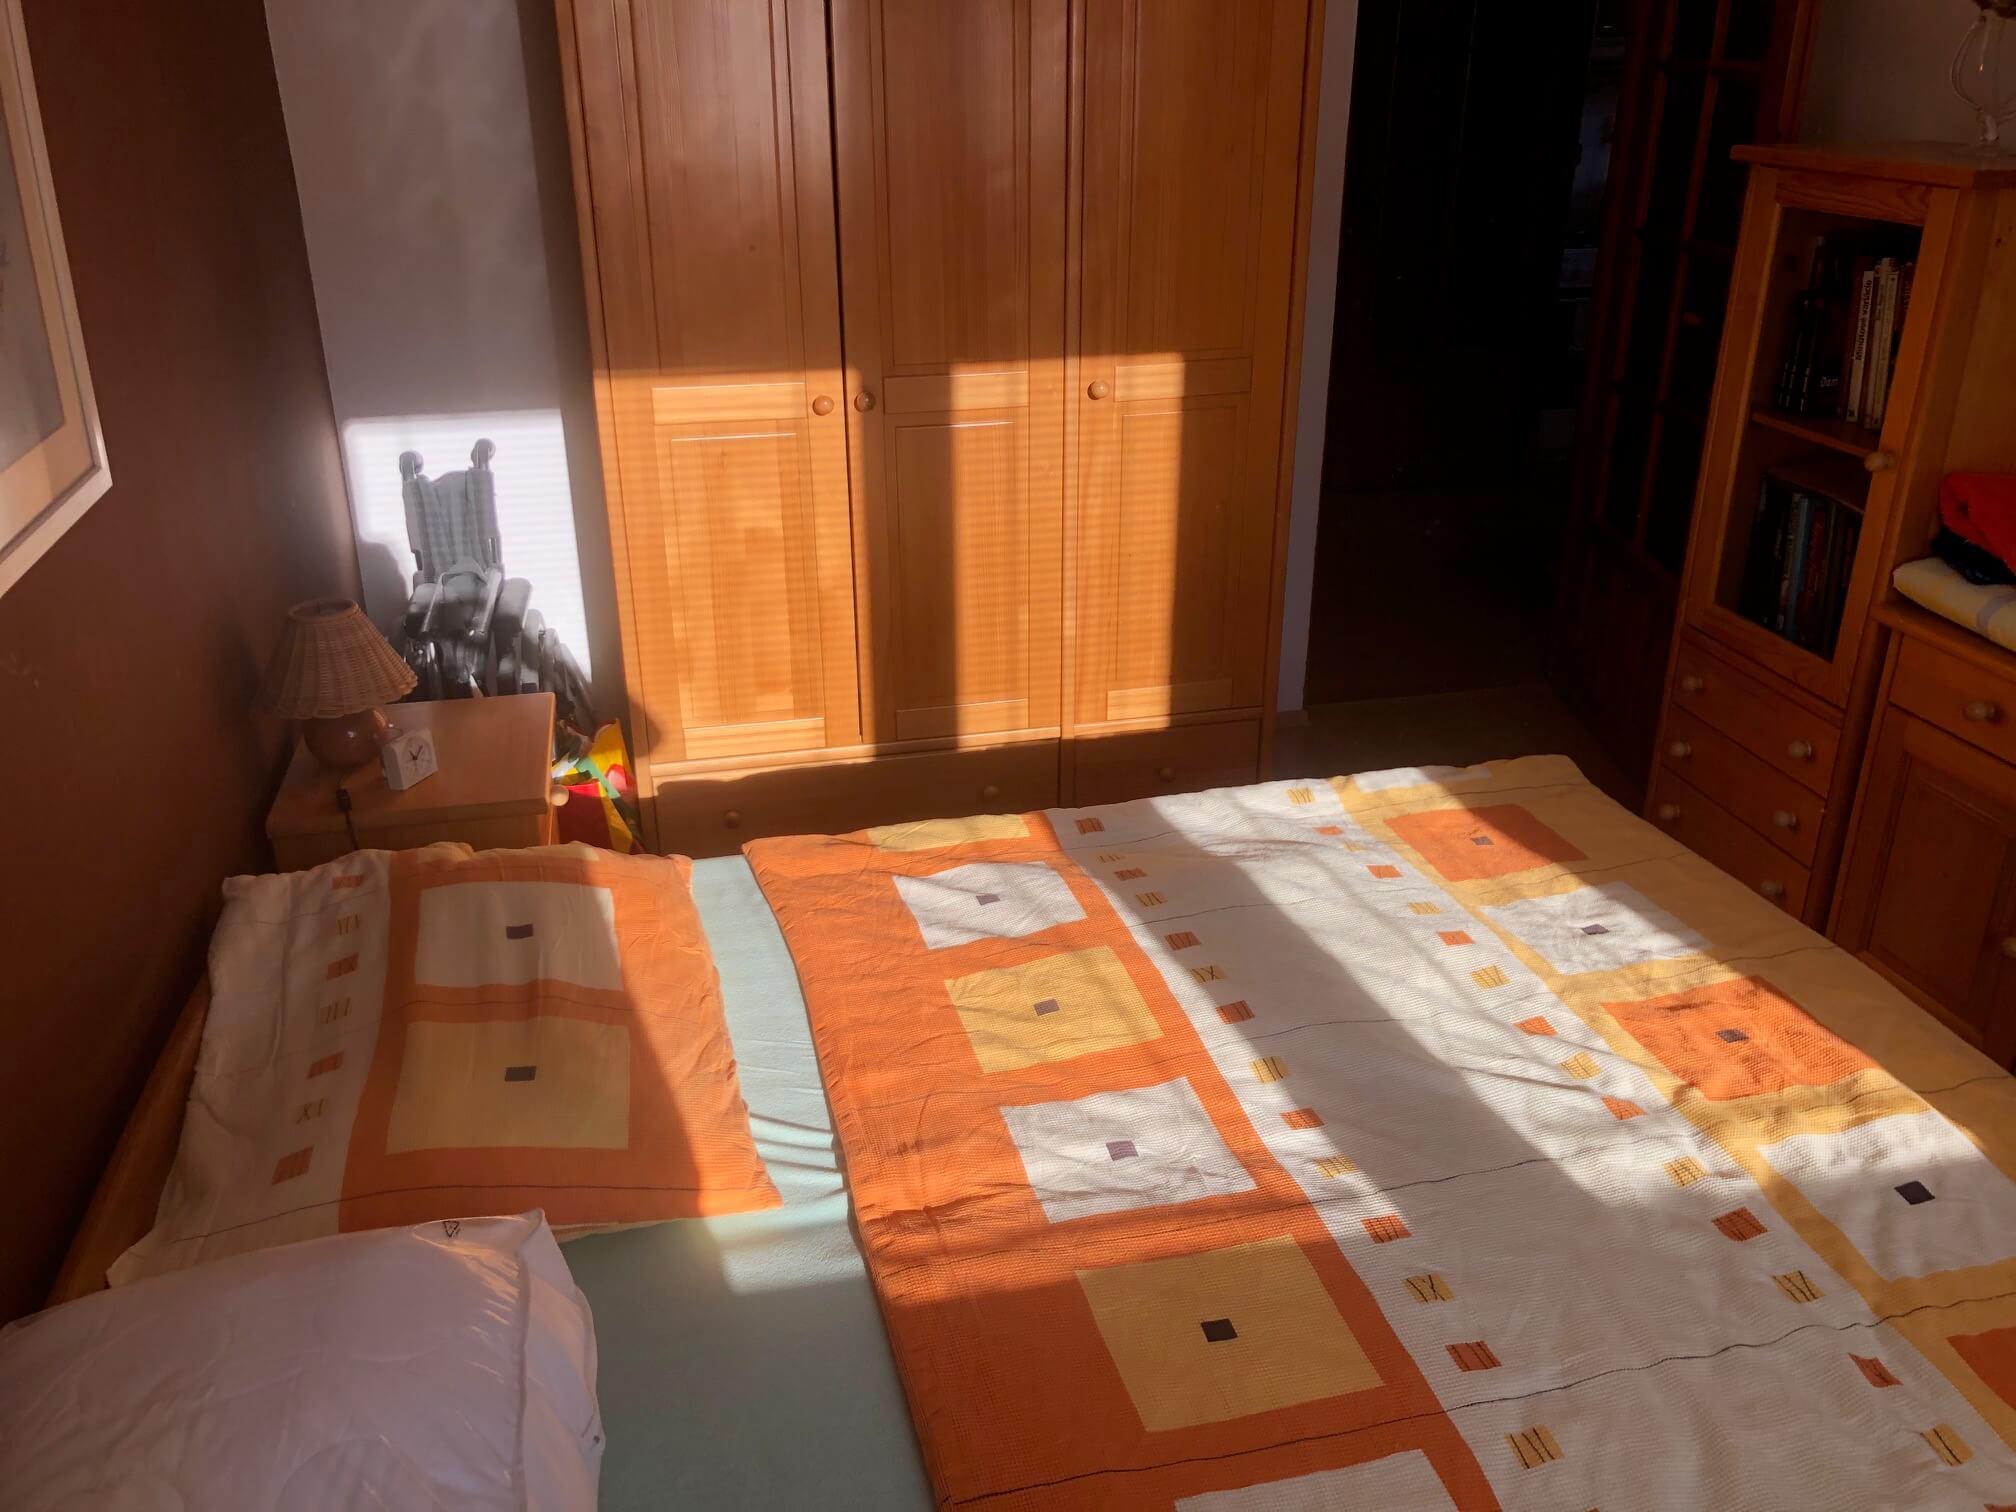 Predané: Exkluzívne na predaj 3 izbový byt, Devínska Nová Ves, Jána Poničana 3, 65m2, balkon 4m2,klimatizácia-28